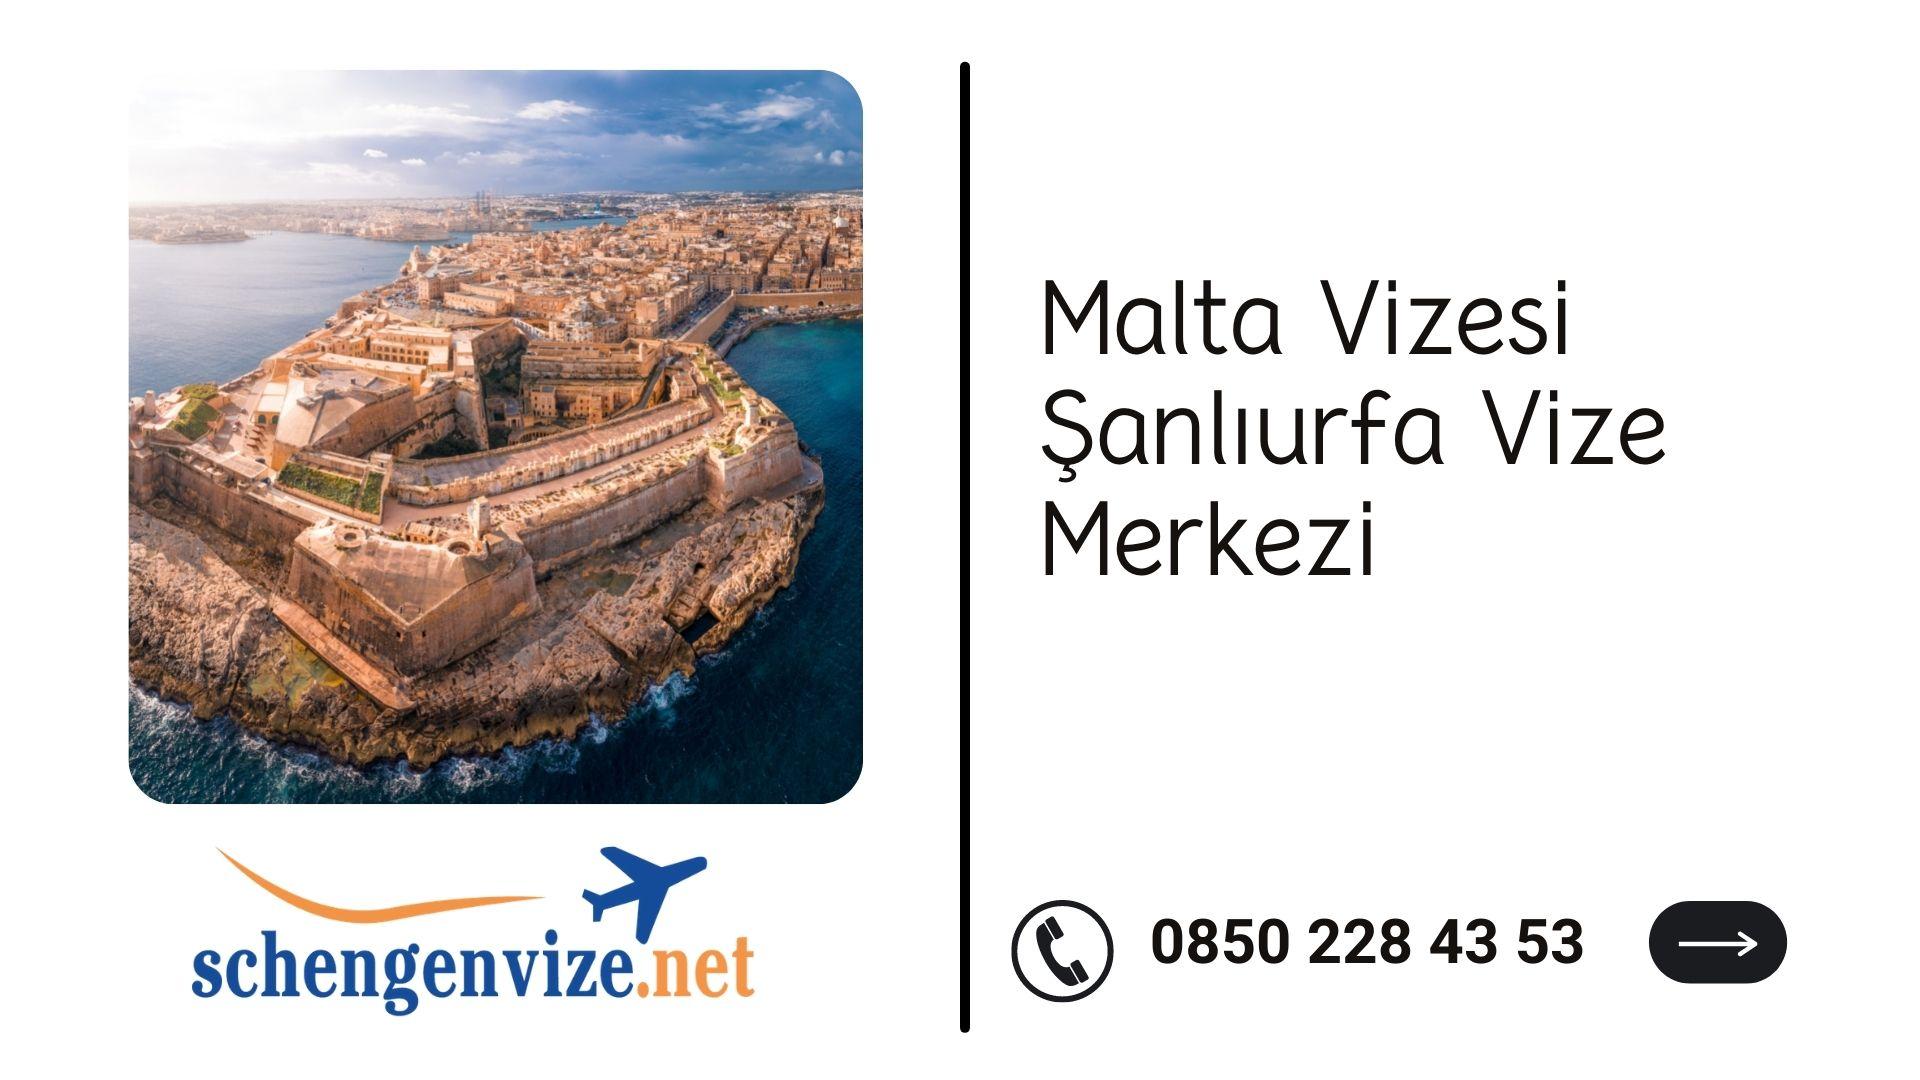 Malta Vizesi Şanlıurfa Vize Merkezi